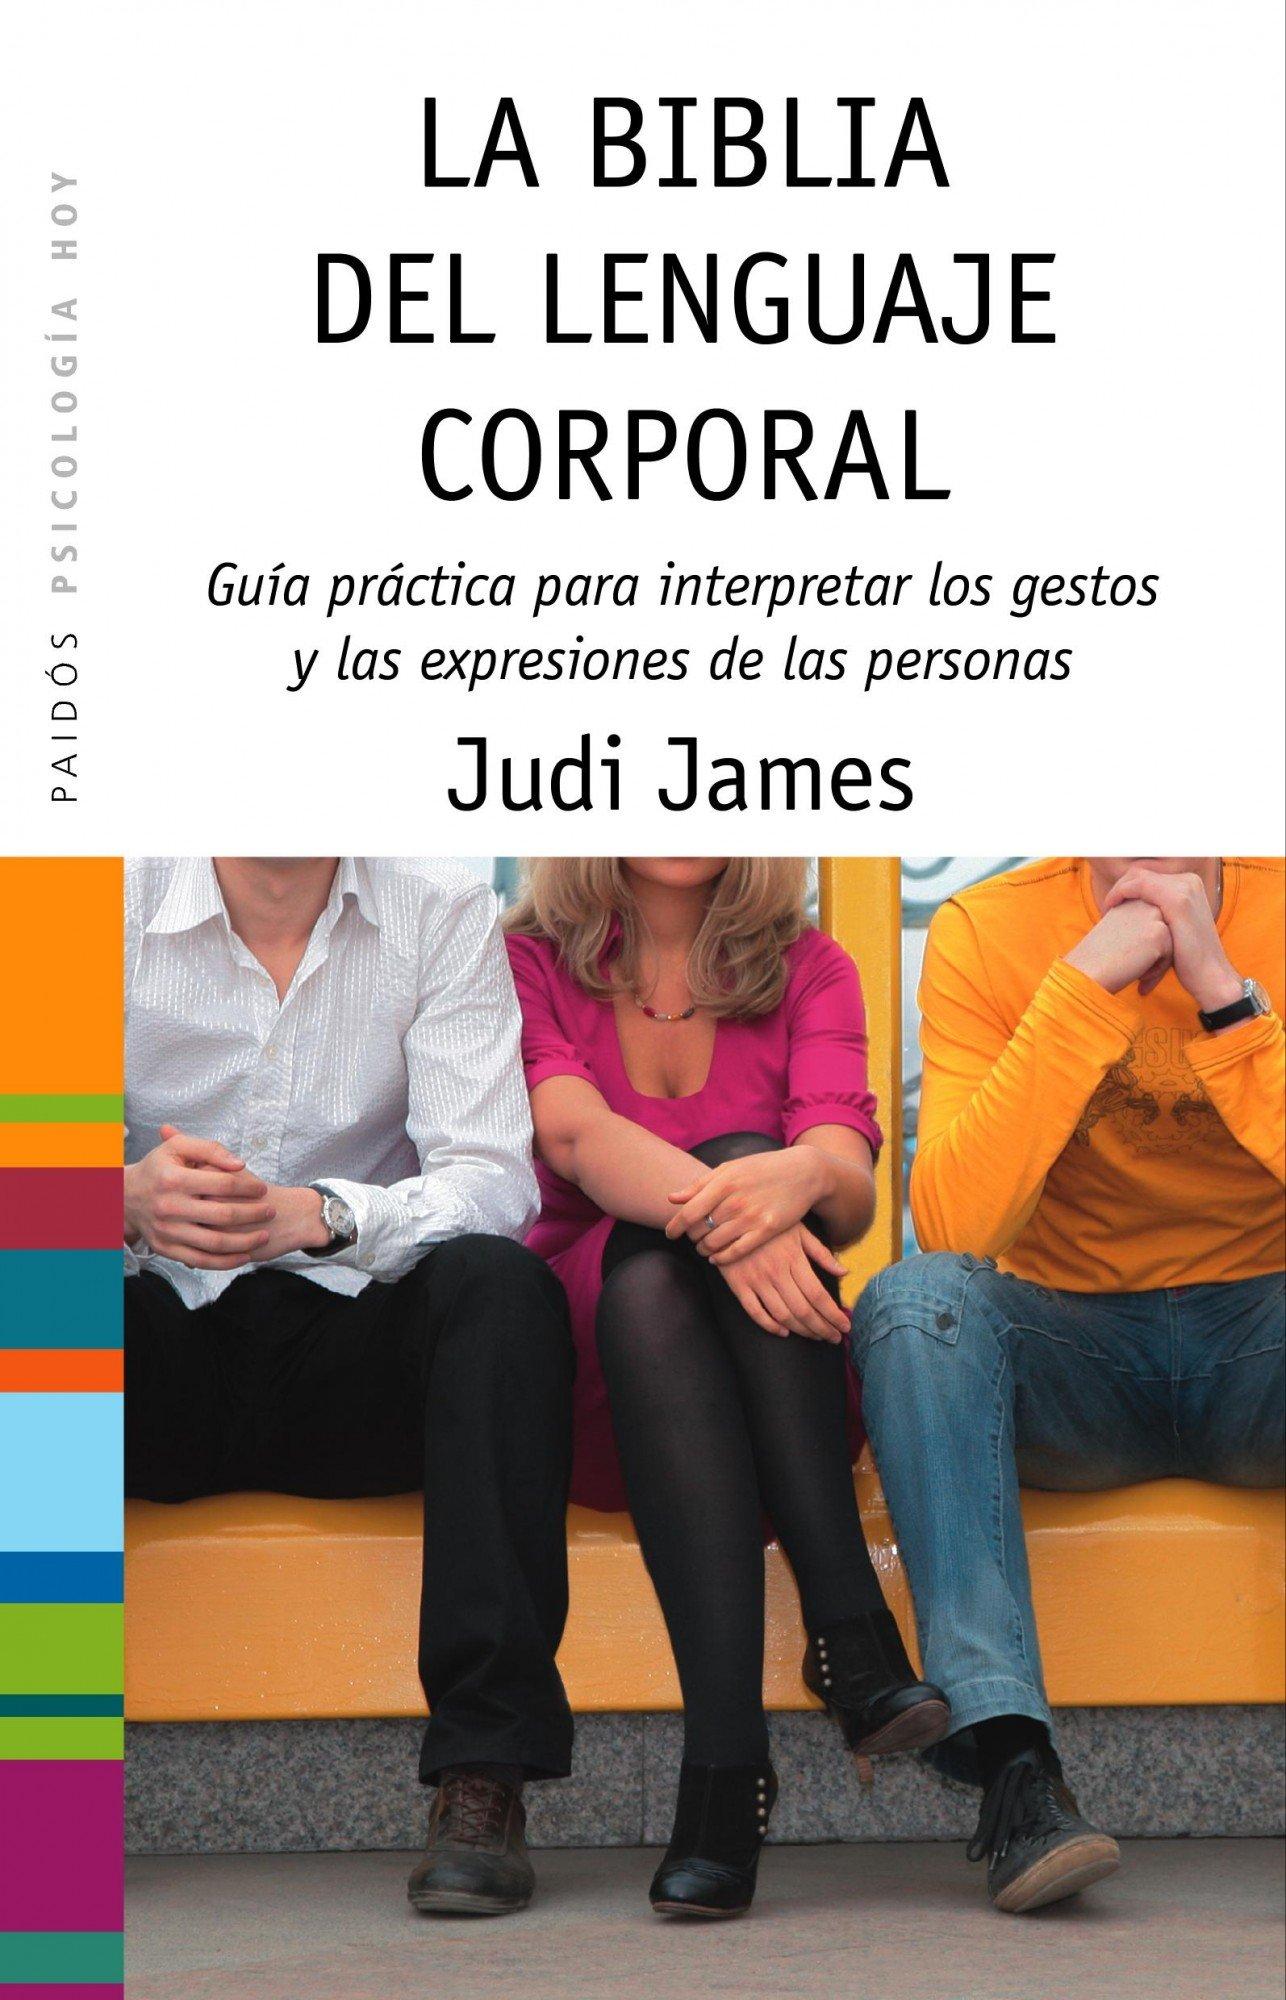 La biblia del lenguaje corporal : guía práctica para interpretar los gestos y las expresiones de las personas (Psicología Hoy)